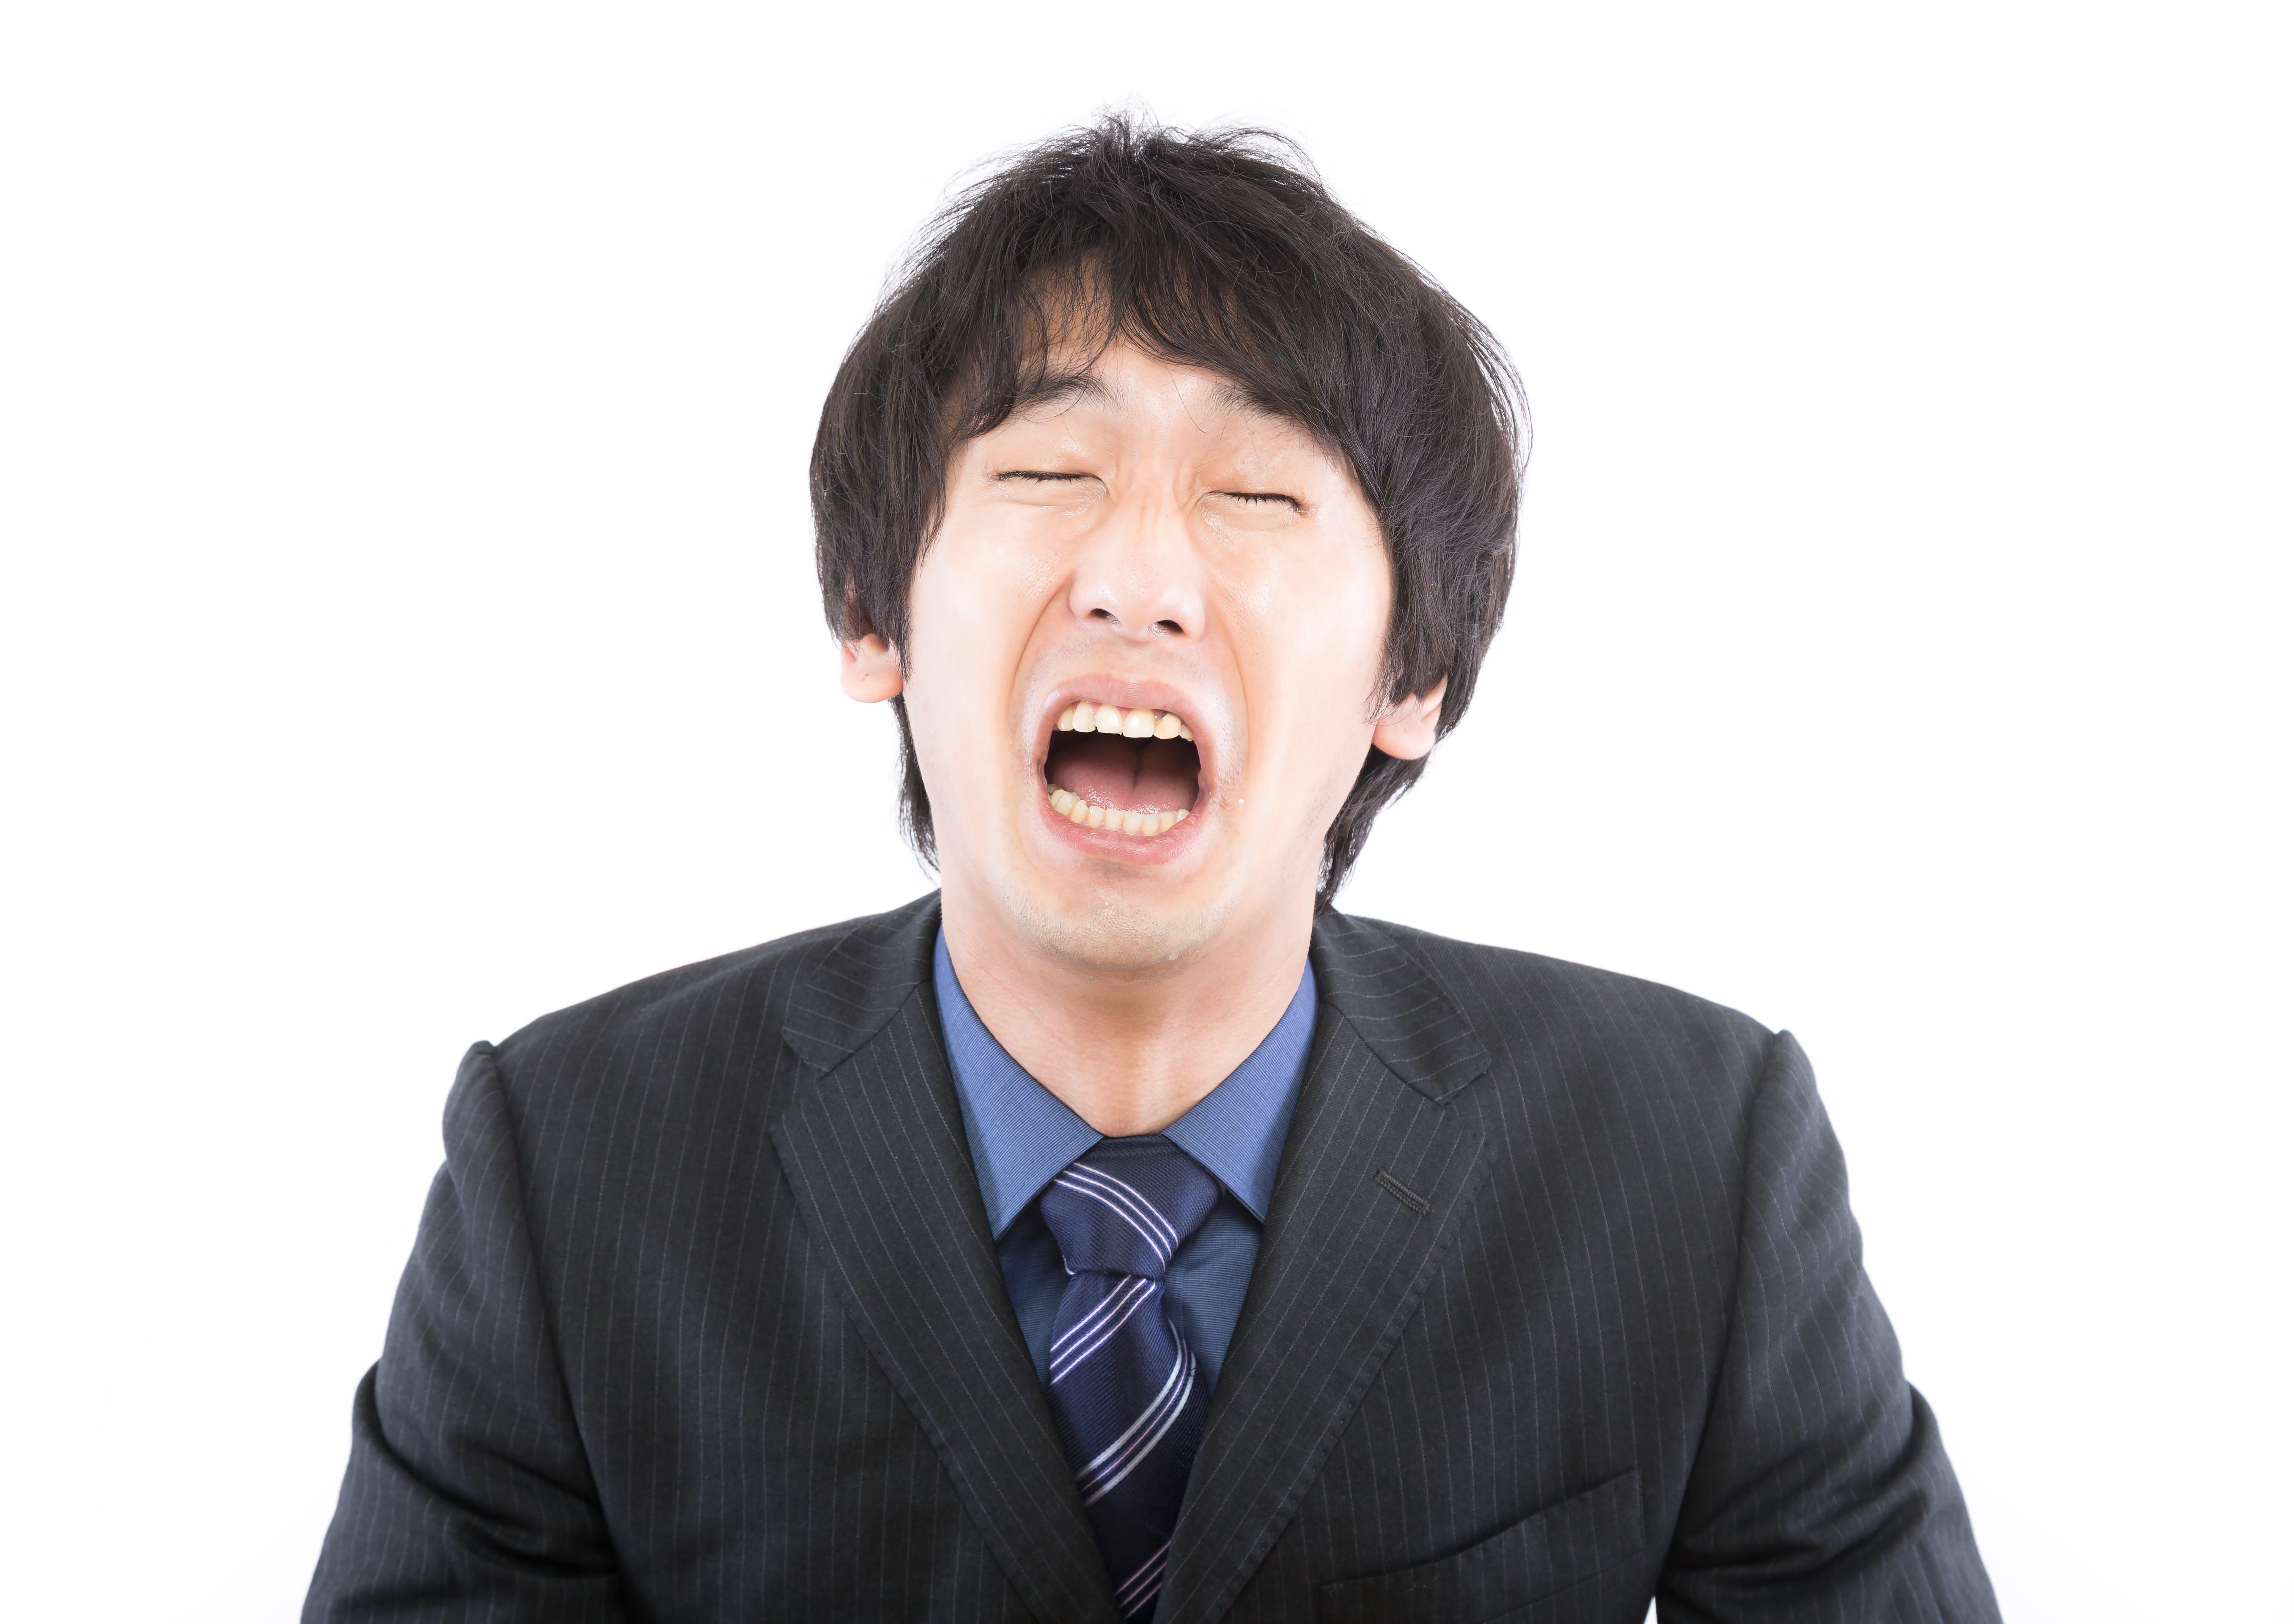 サラリーマン金太郎 マネーウォーズ編 プロローグ   …